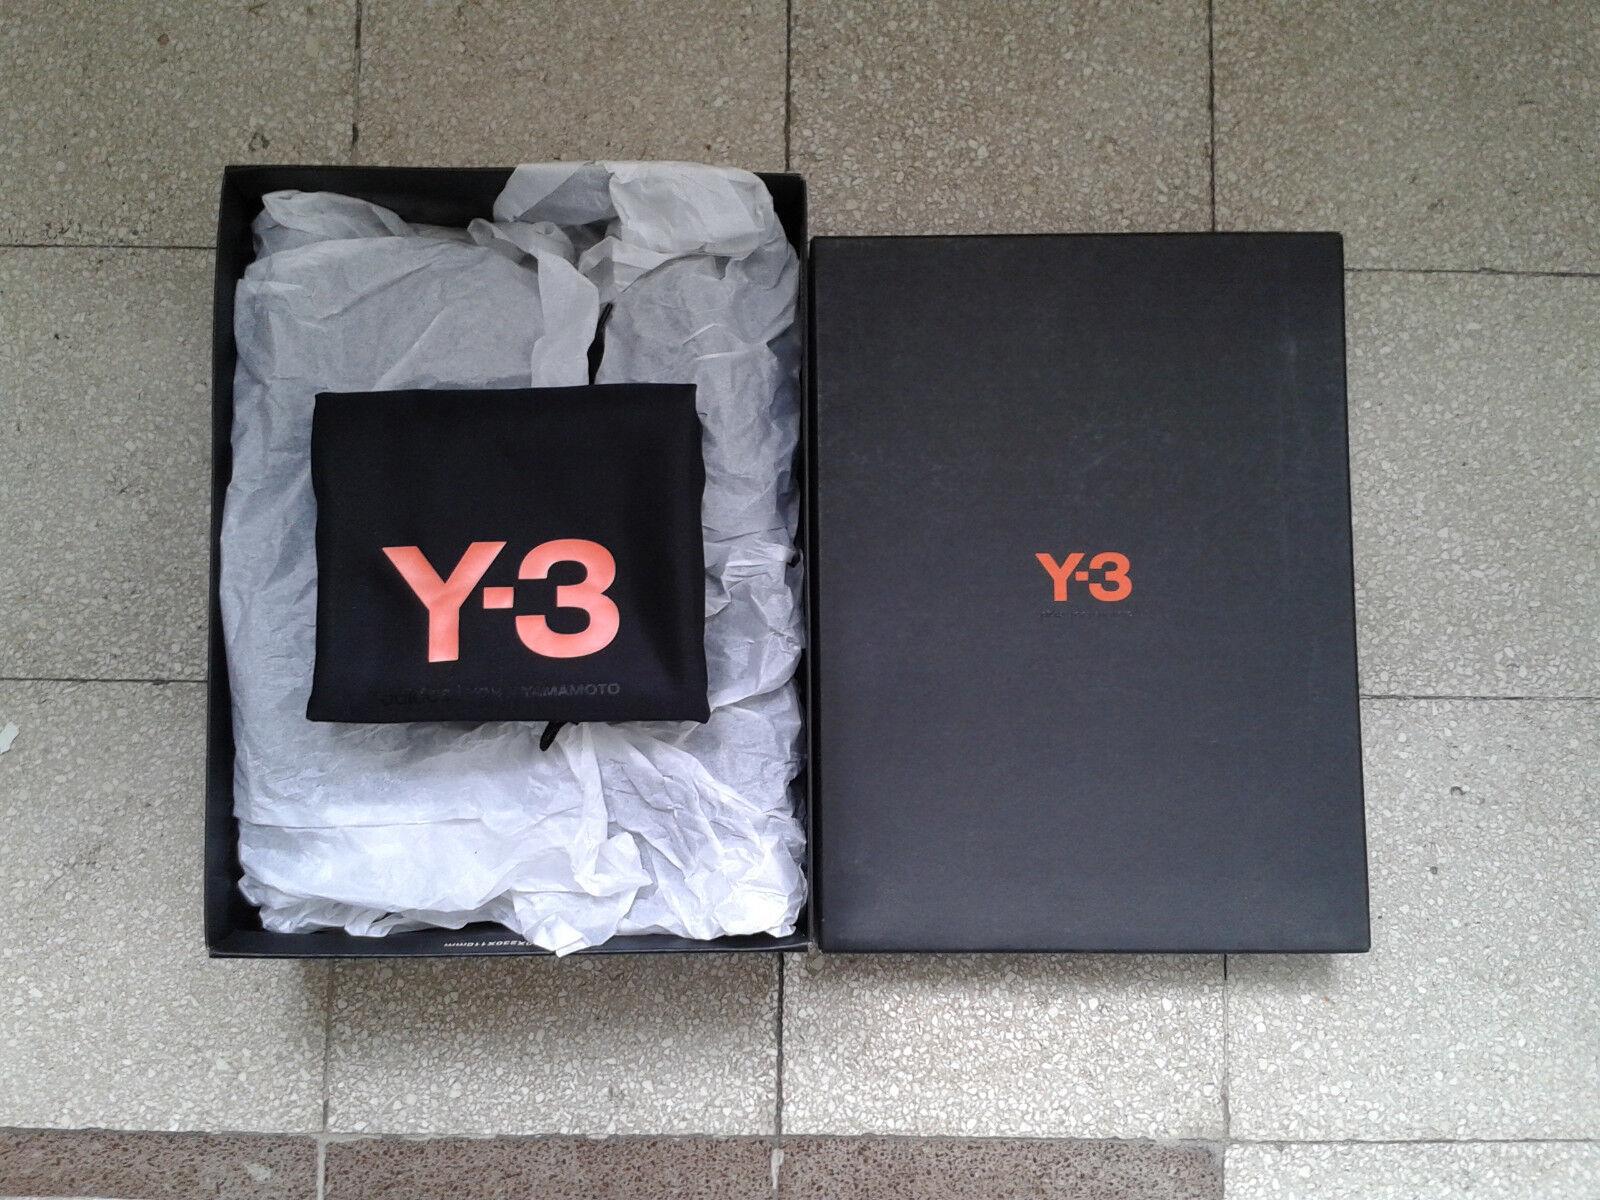 Adidas Y-3 Qasa High Primeknit Primeknit Primeknit Yamamoto S82123 nuove mai indossate   Un equilibrio tra robustezza e durezza    Gentiluomo/Signora Scarpa  7924e0